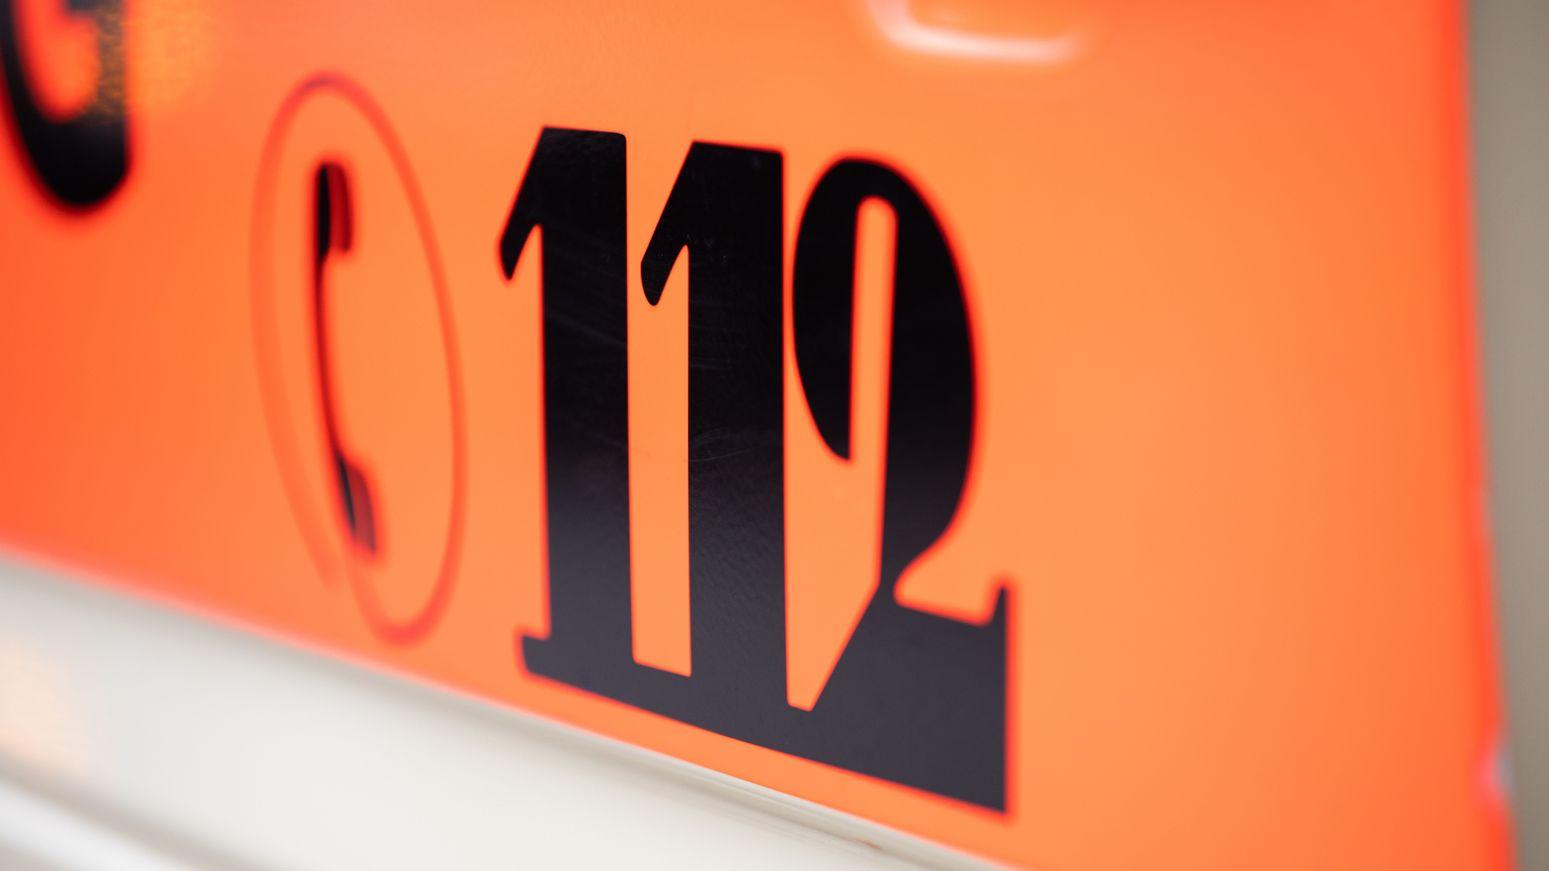 Symbolbild Rettungsdienst mit Notruf-Nummer 112